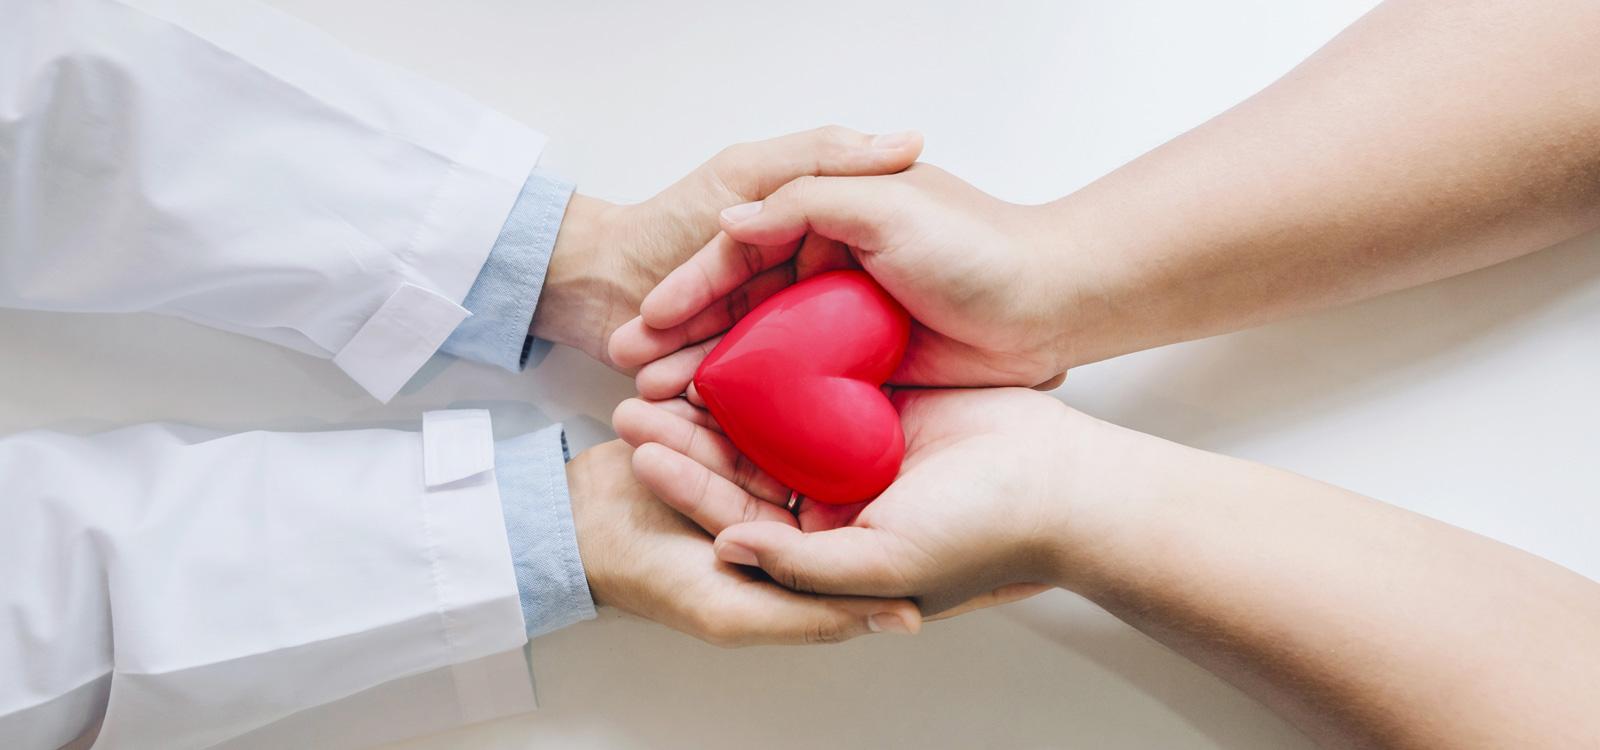 Kalp ve sağlıklı beslenme: Kalp hastalıklarını engellemek için 8 adım